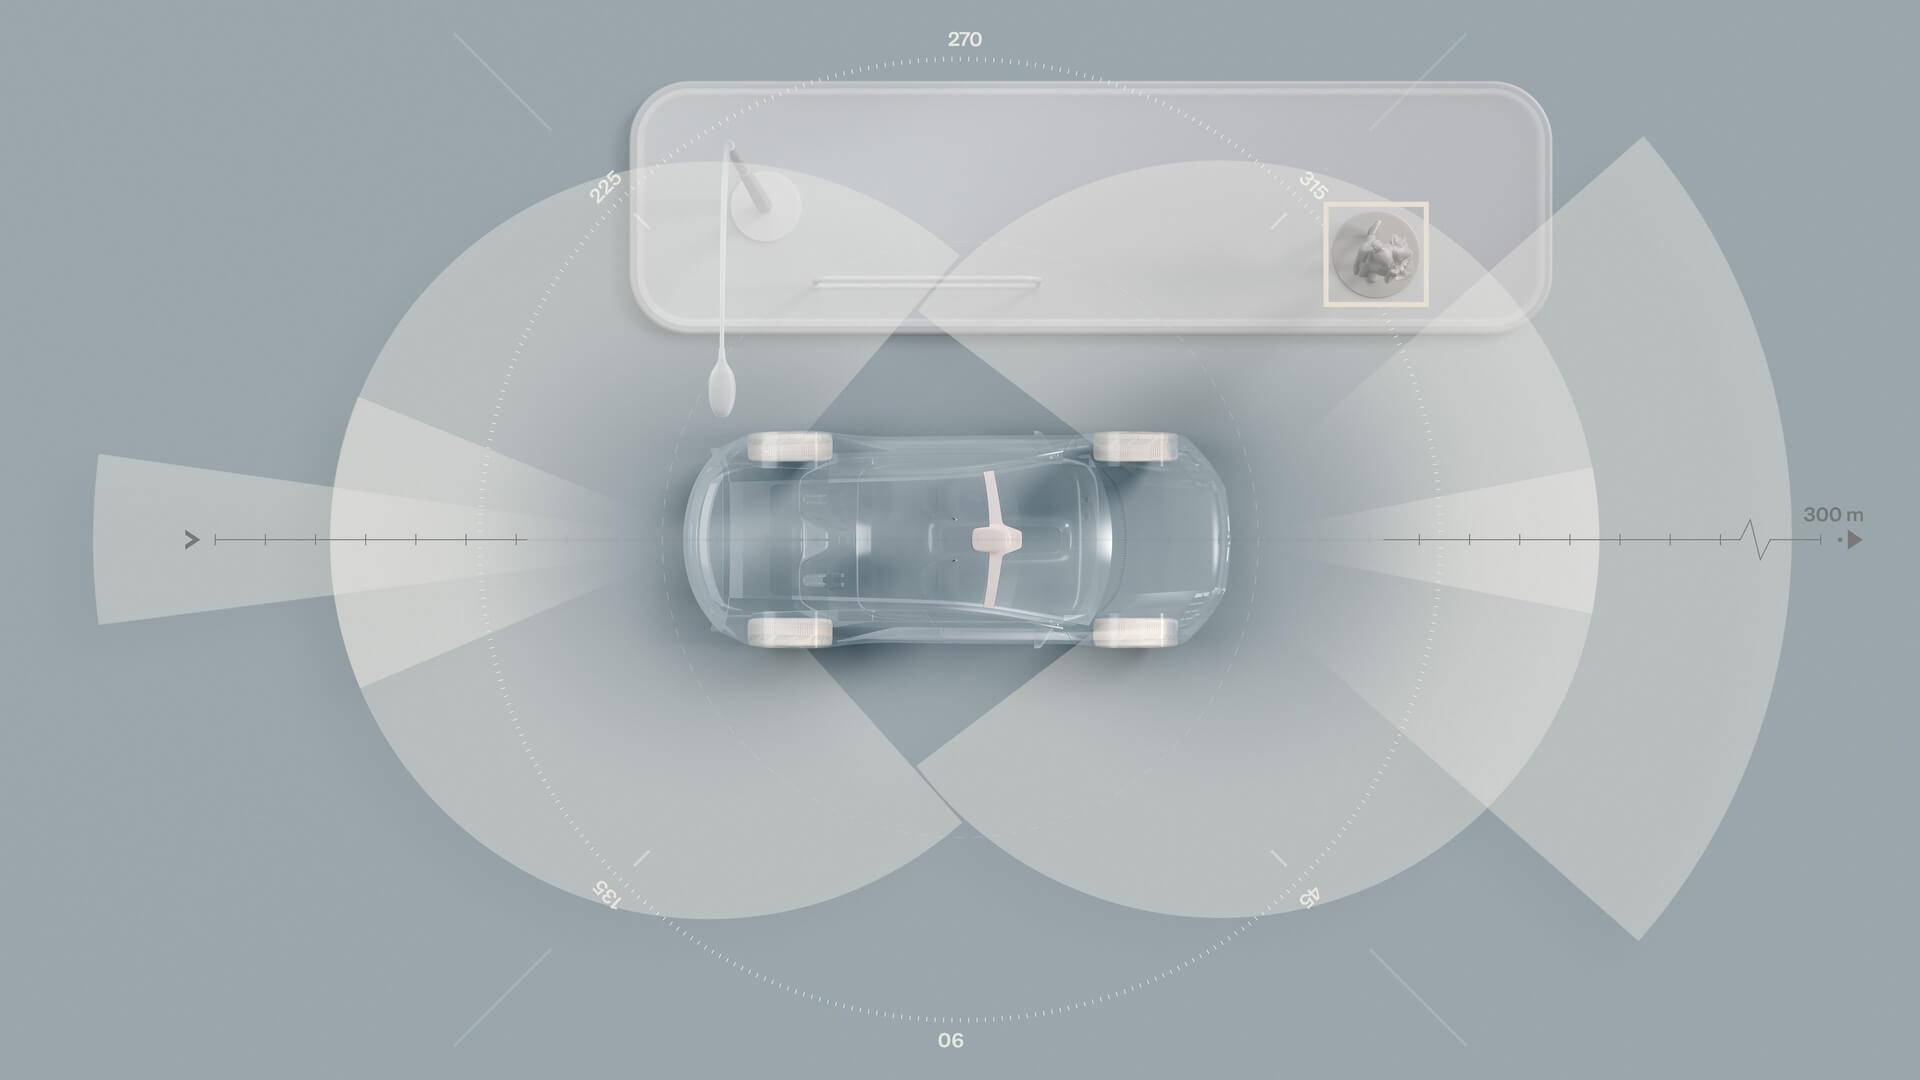 Радары на электрическом преемнике Volvo XC90